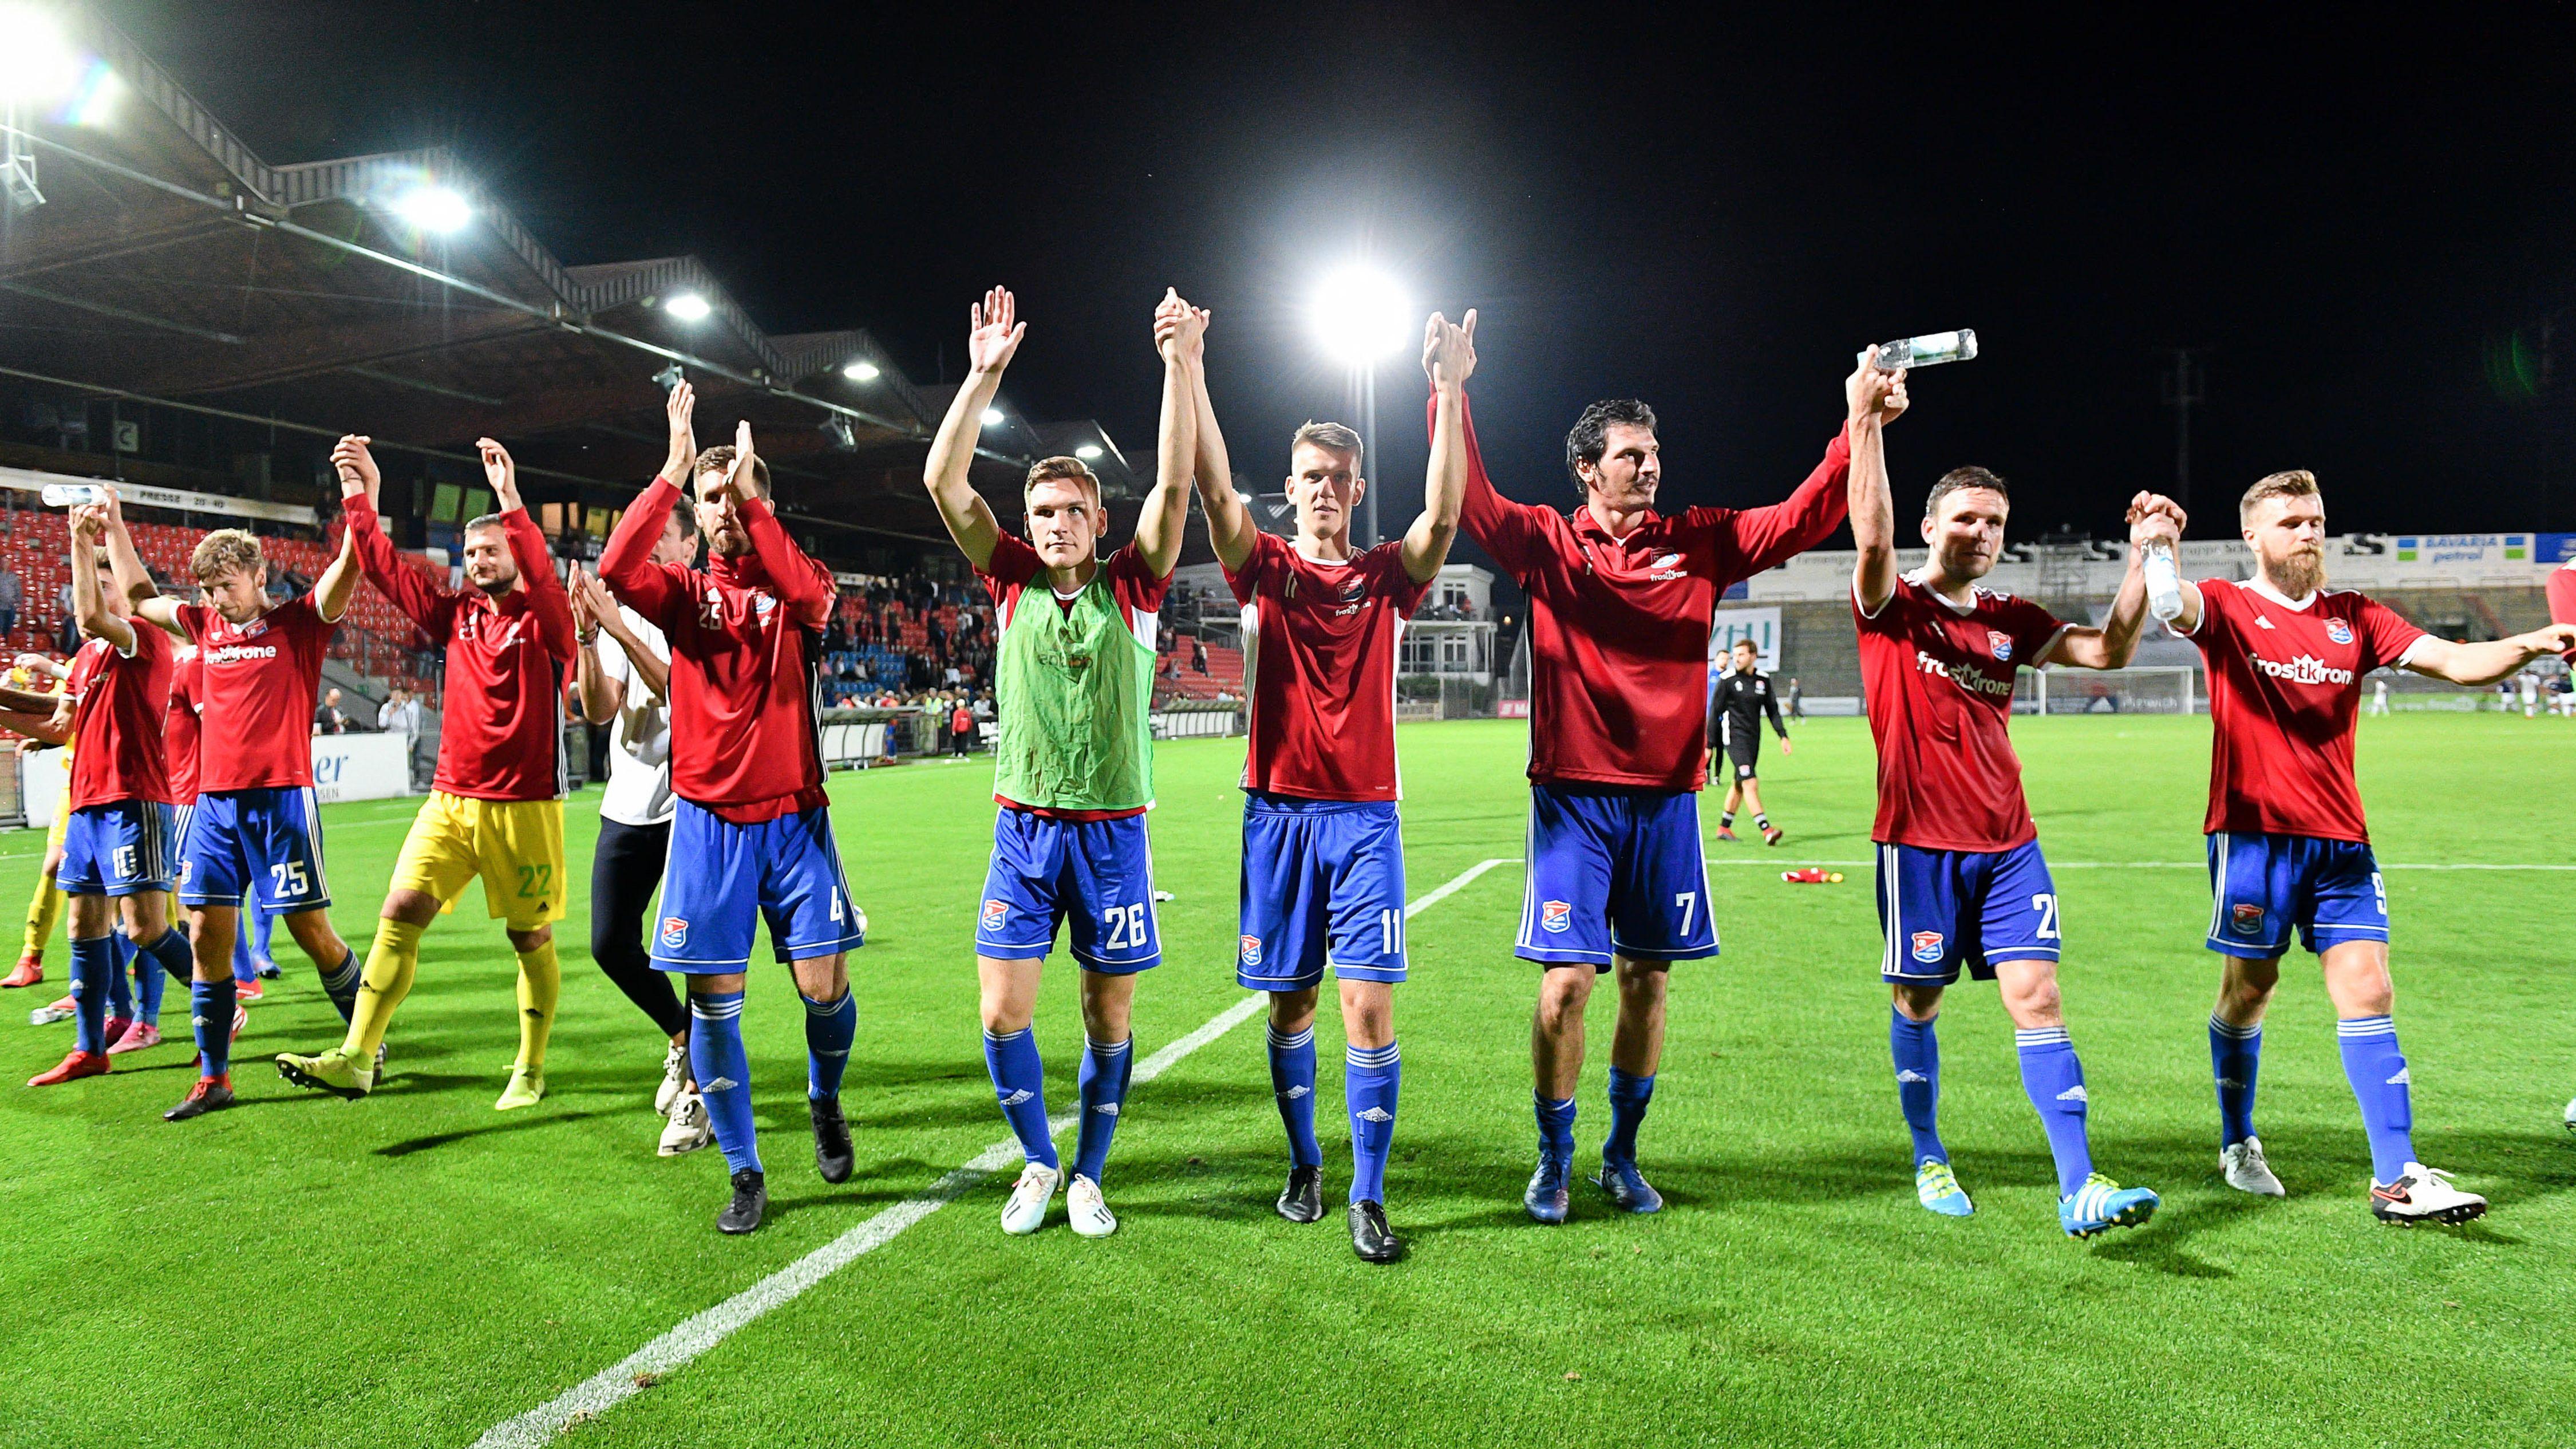 Unterhachinger Spieler feiern den Sieg gegen Chemnitz